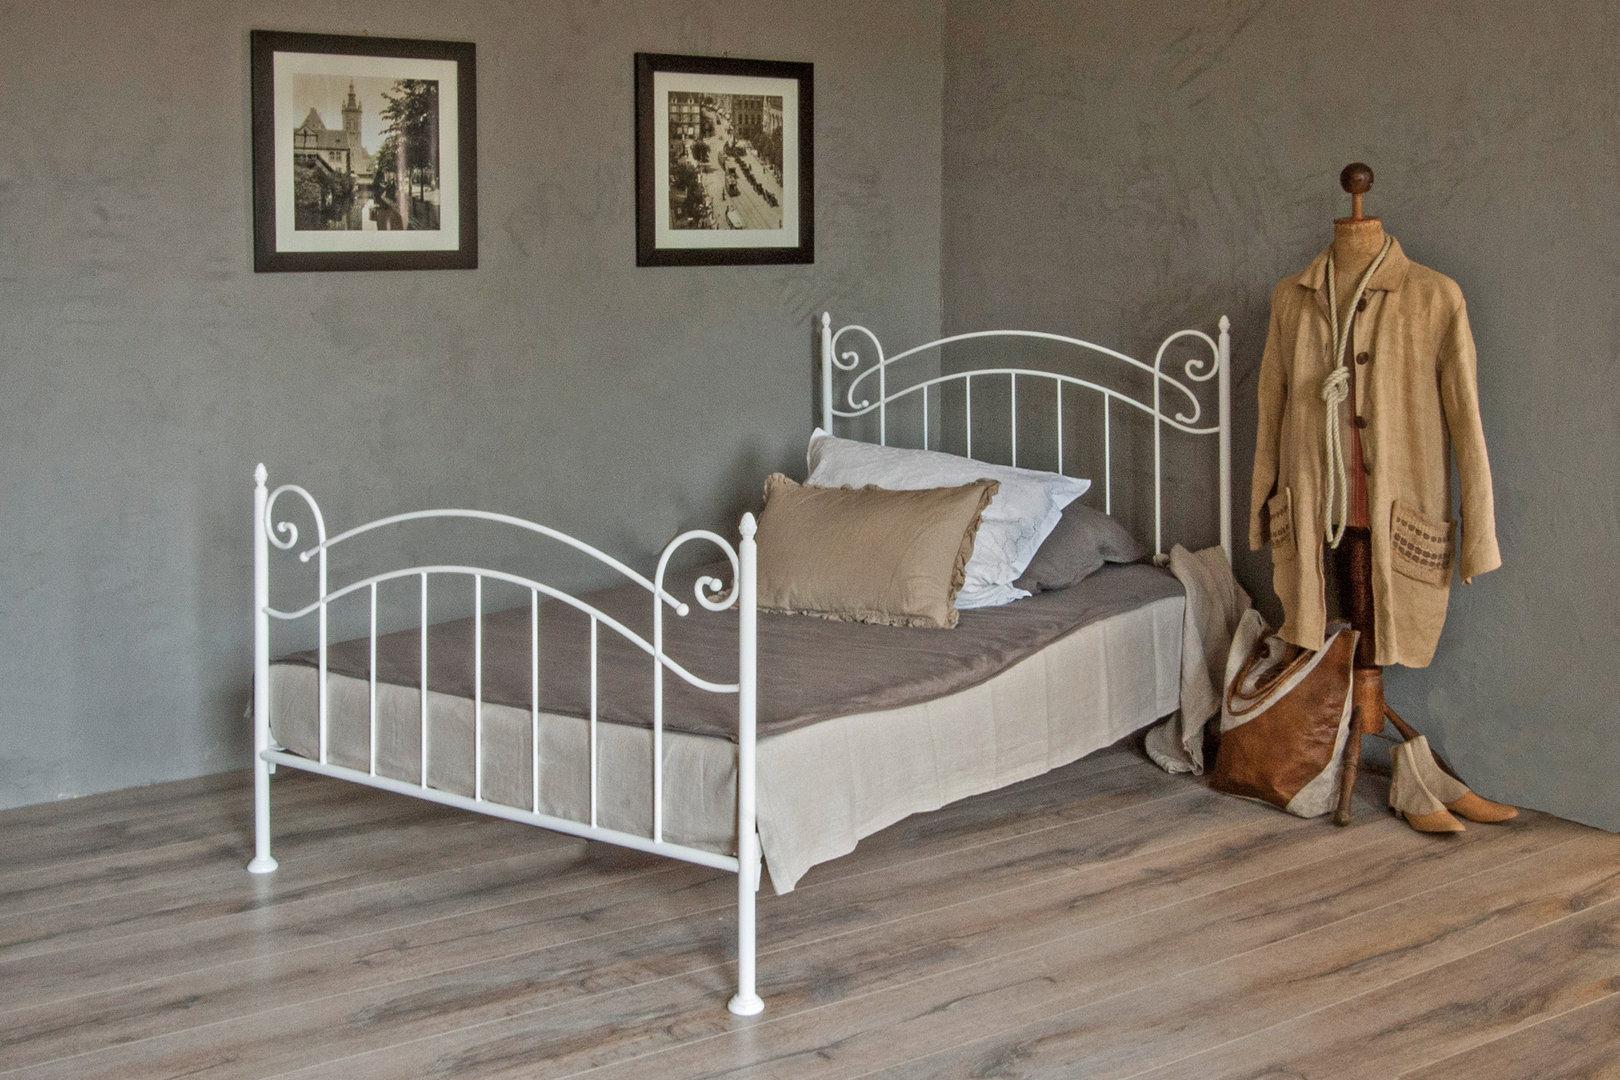 Full Size of Palettenbett Ikea Bett 120 200 Modulküche Betten Bei Sofa Mit Schlaffunktion 160x200 Küche Kaufen Kosten Miniküche Wohnzimmer Palettenbett Ikea